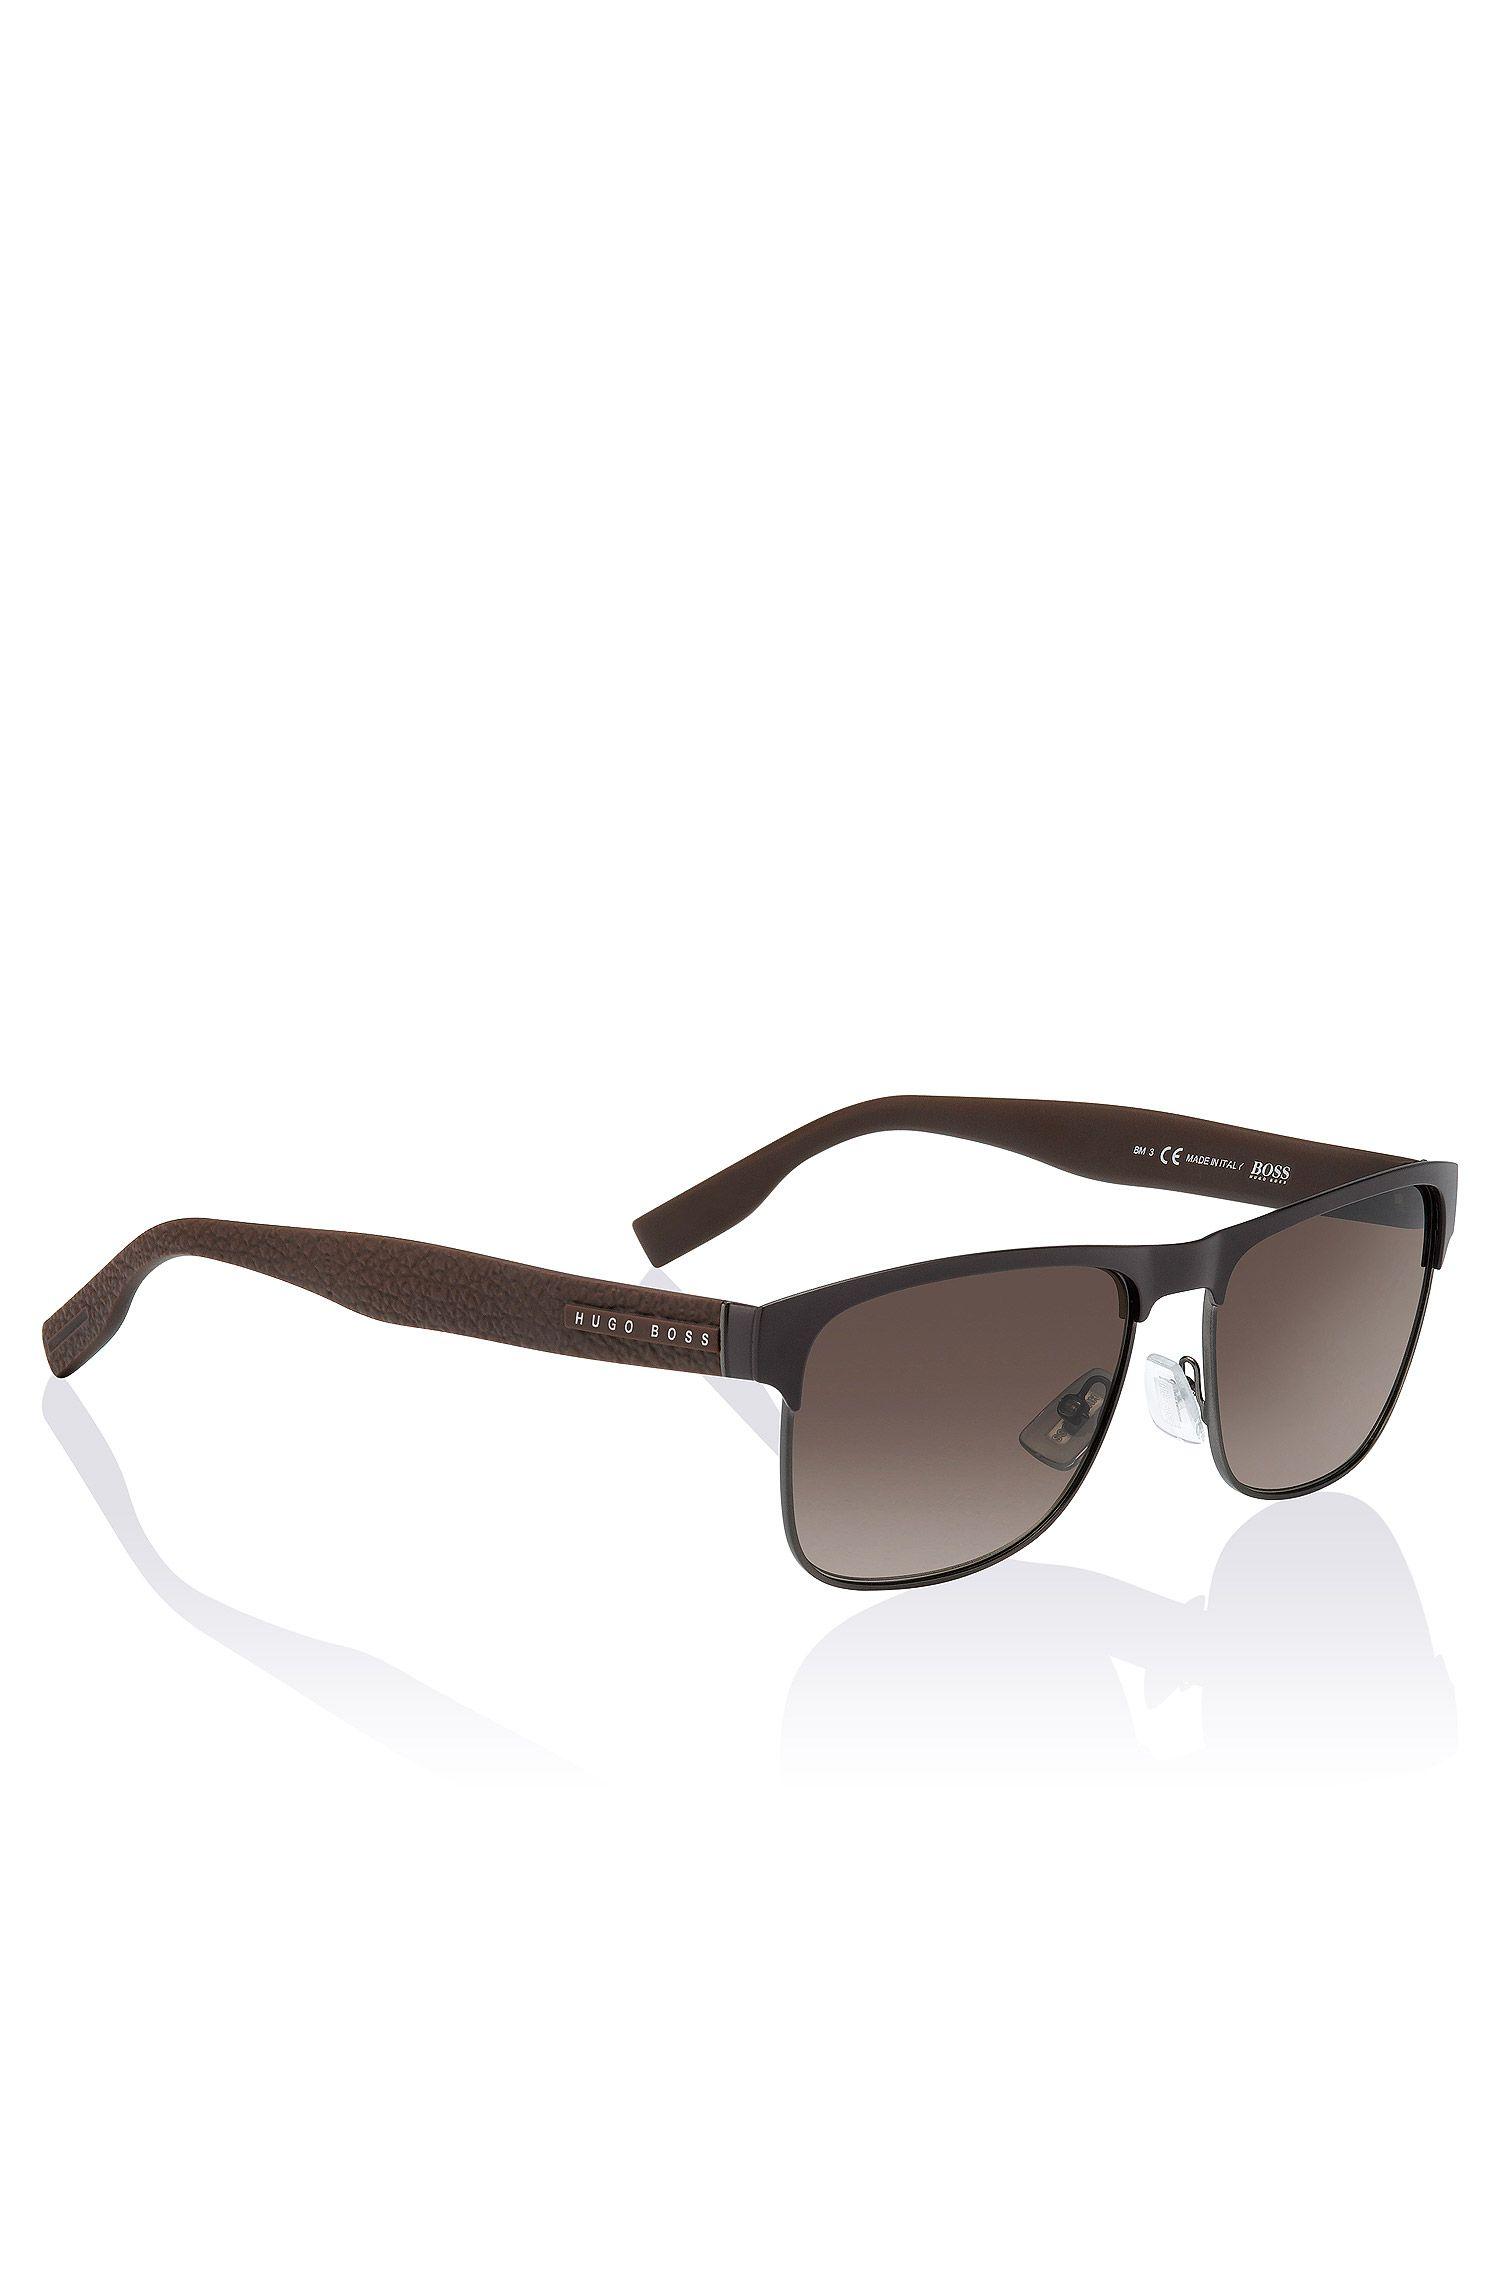 Sonnenbrille ´BOSS 0559/S` aus Acetat